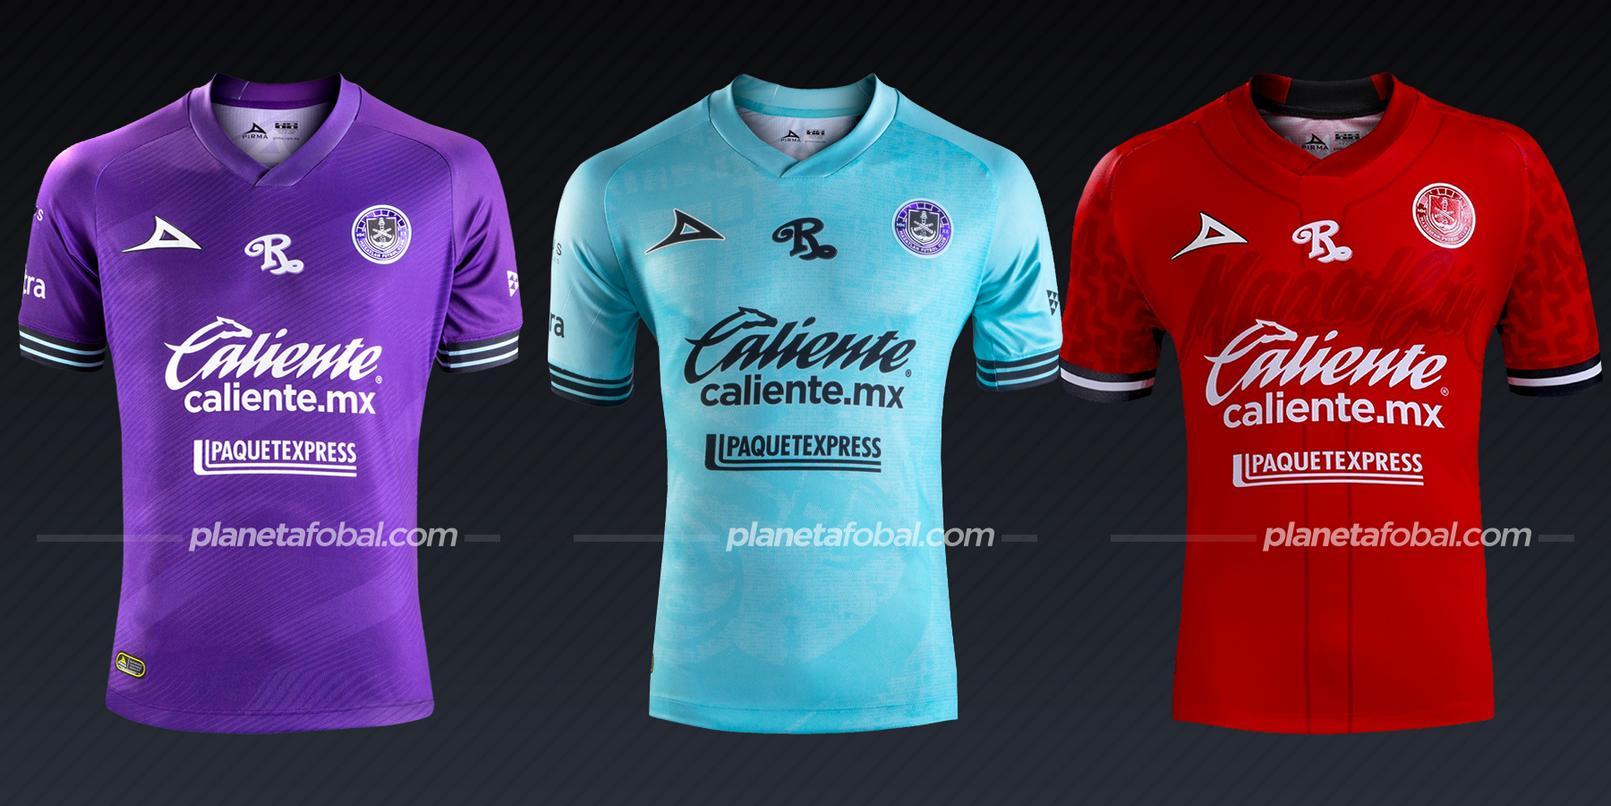 Mazatlán Fútbol Cub (Pirma) | Camisetas de la Liga MX 2020/2021